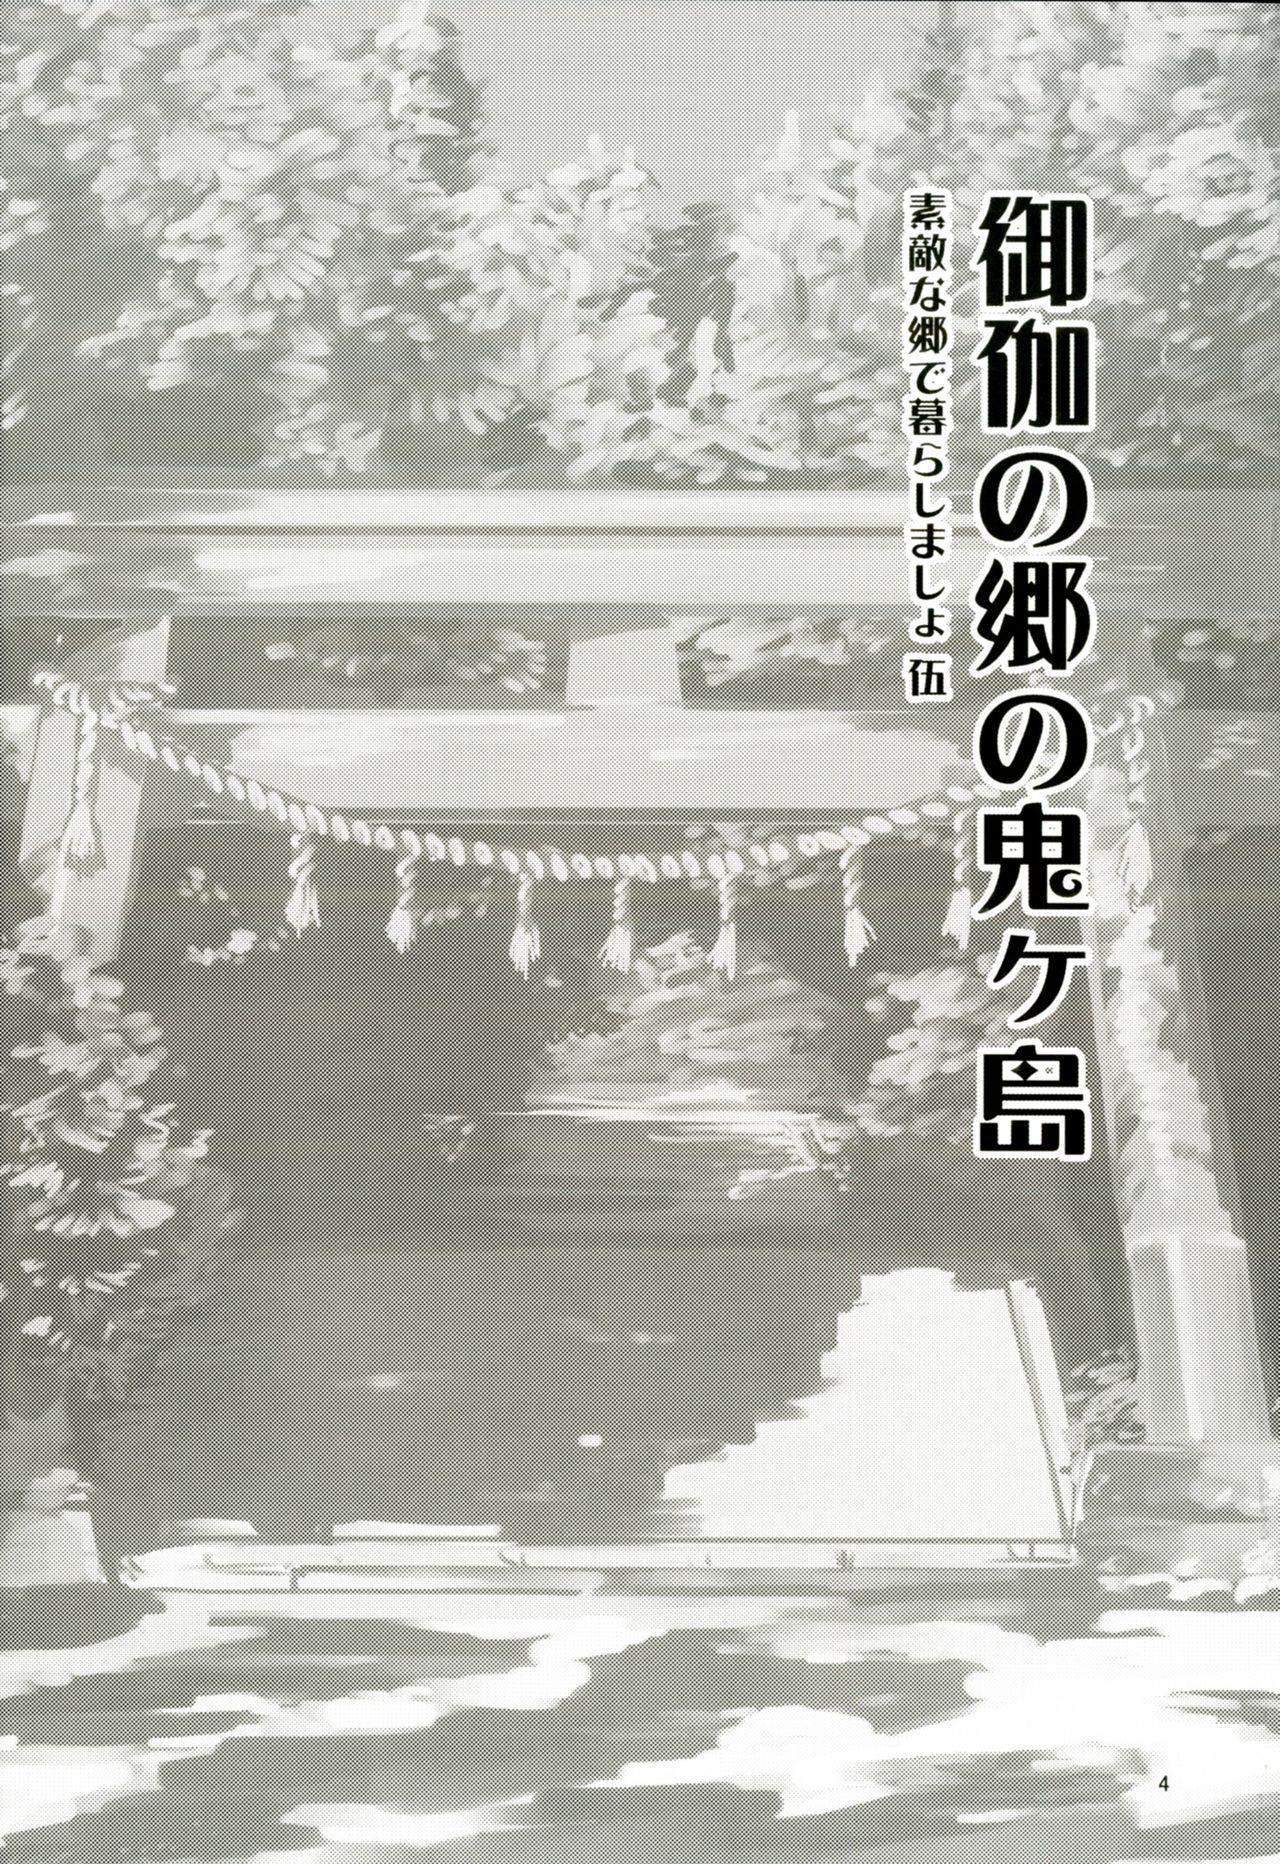 Otogi no Sato no Onigashima | 御伽之乡的鬼岛 2